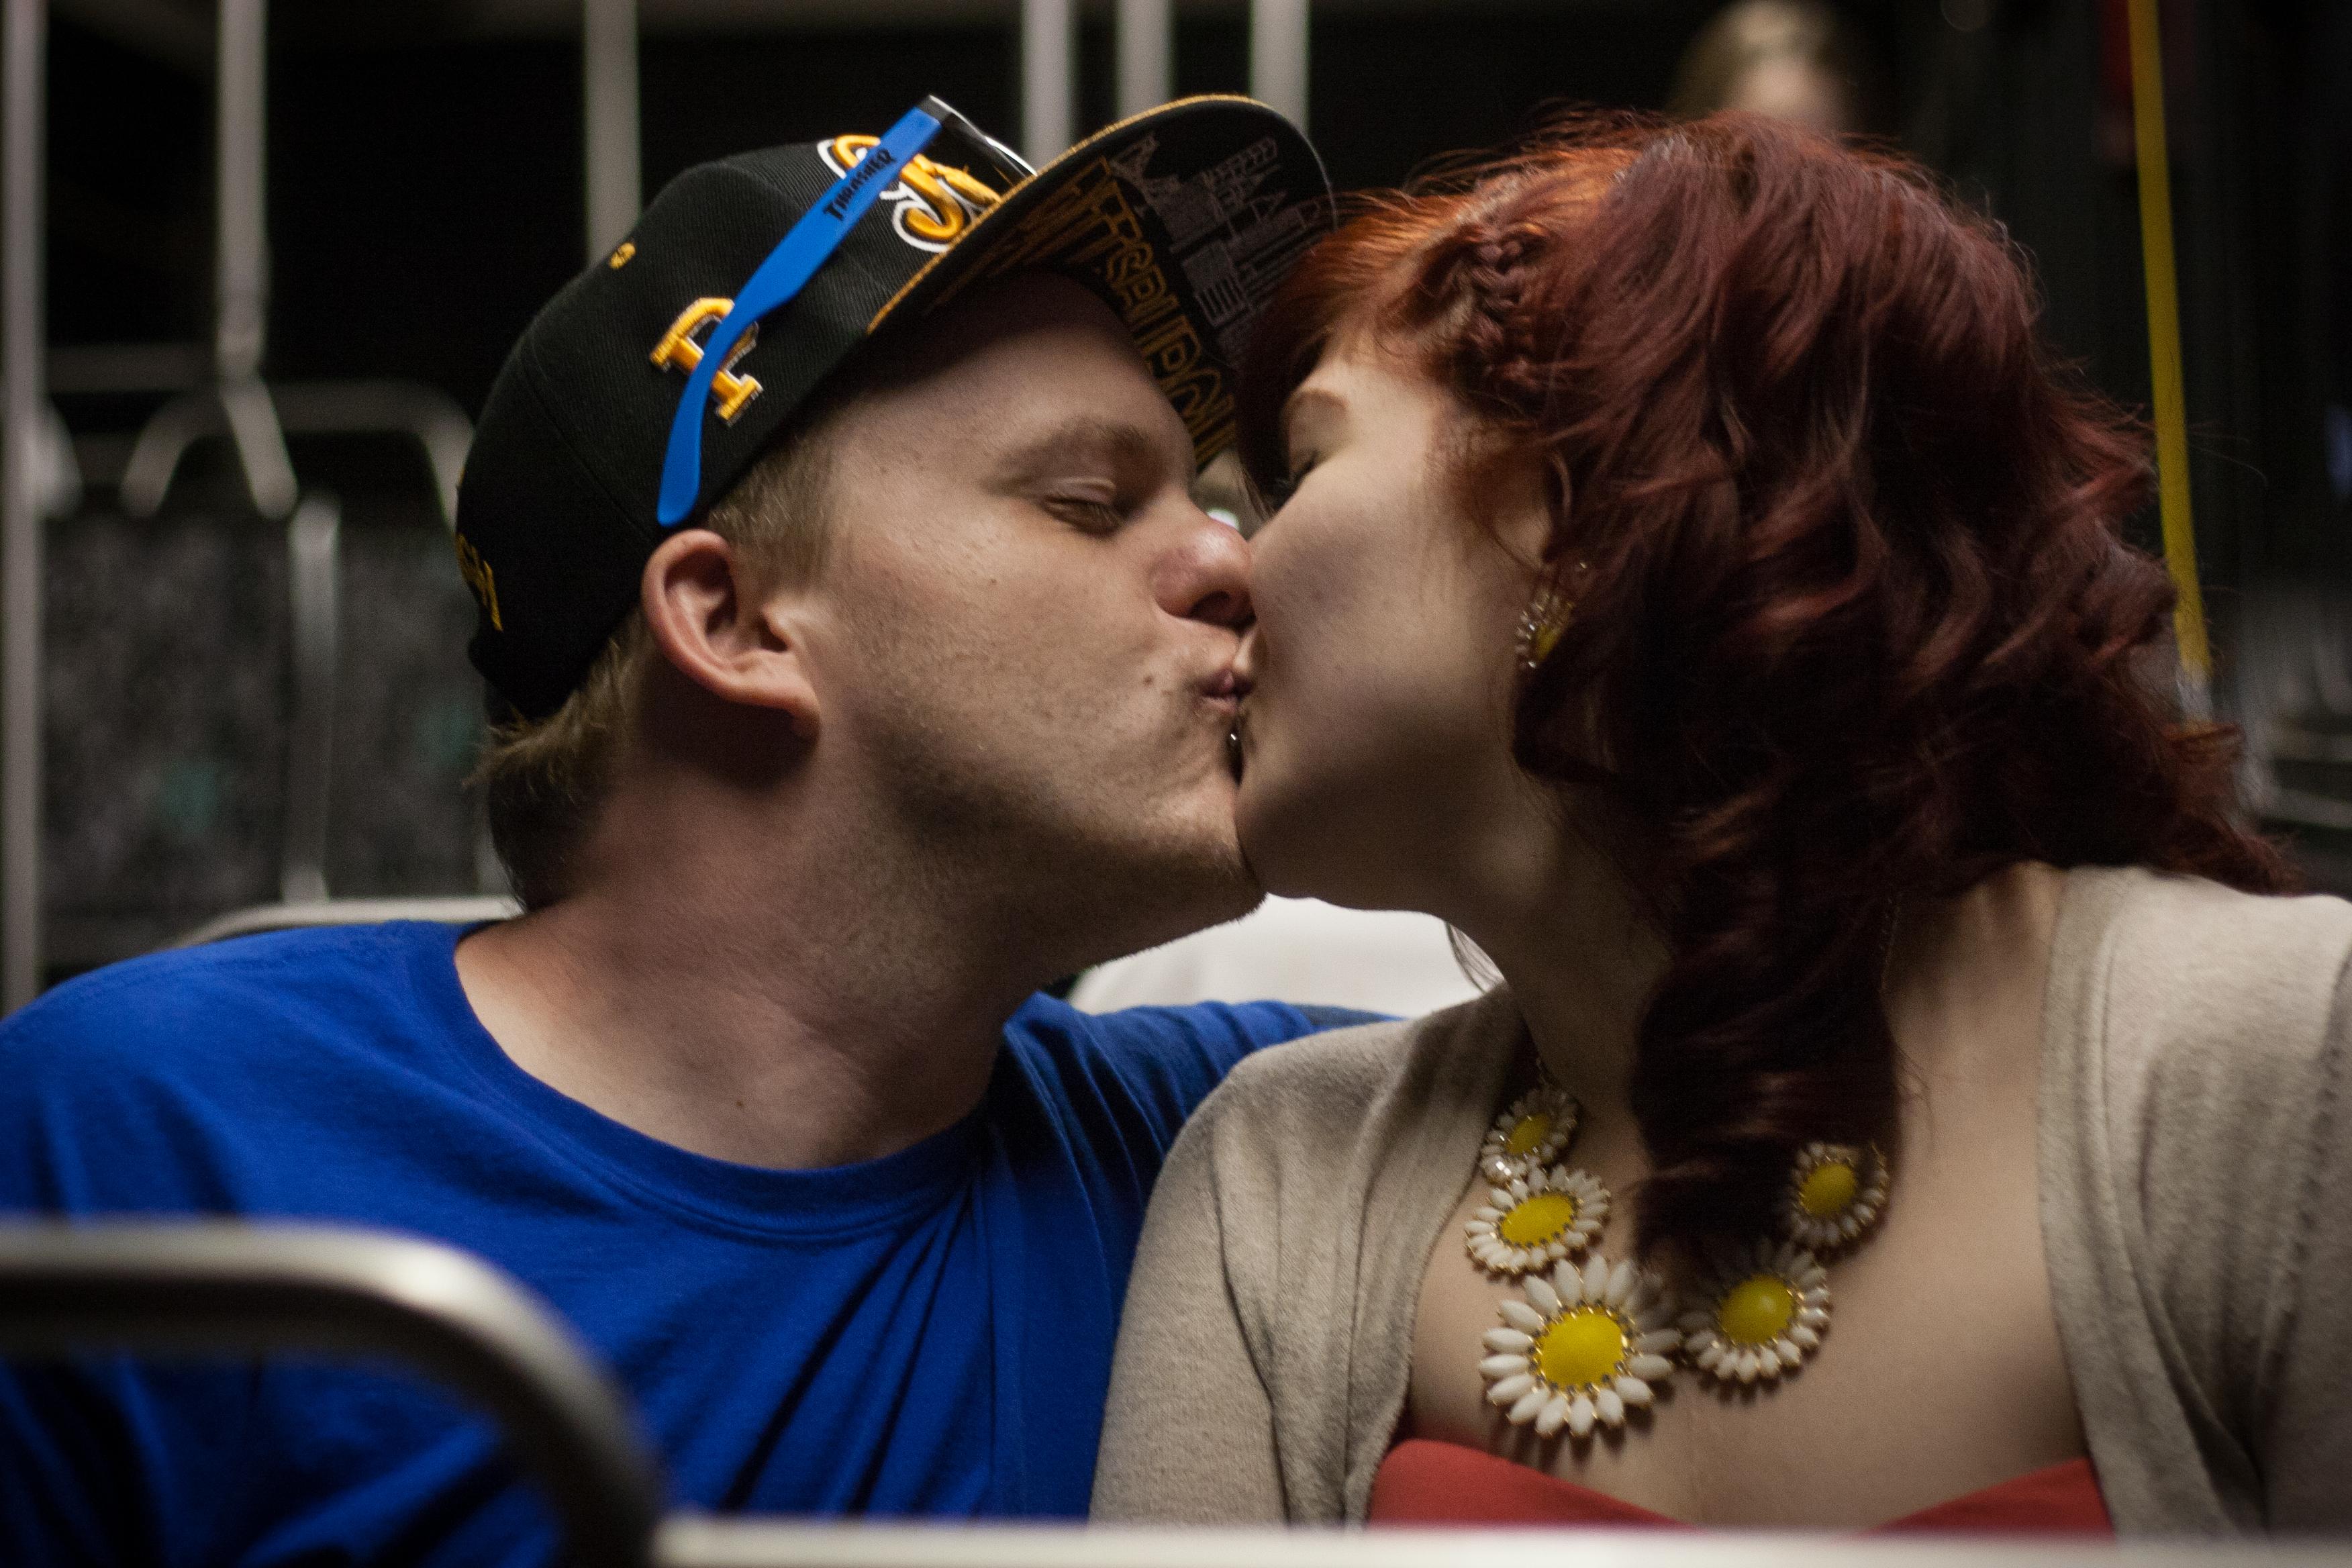 Bus Kiss